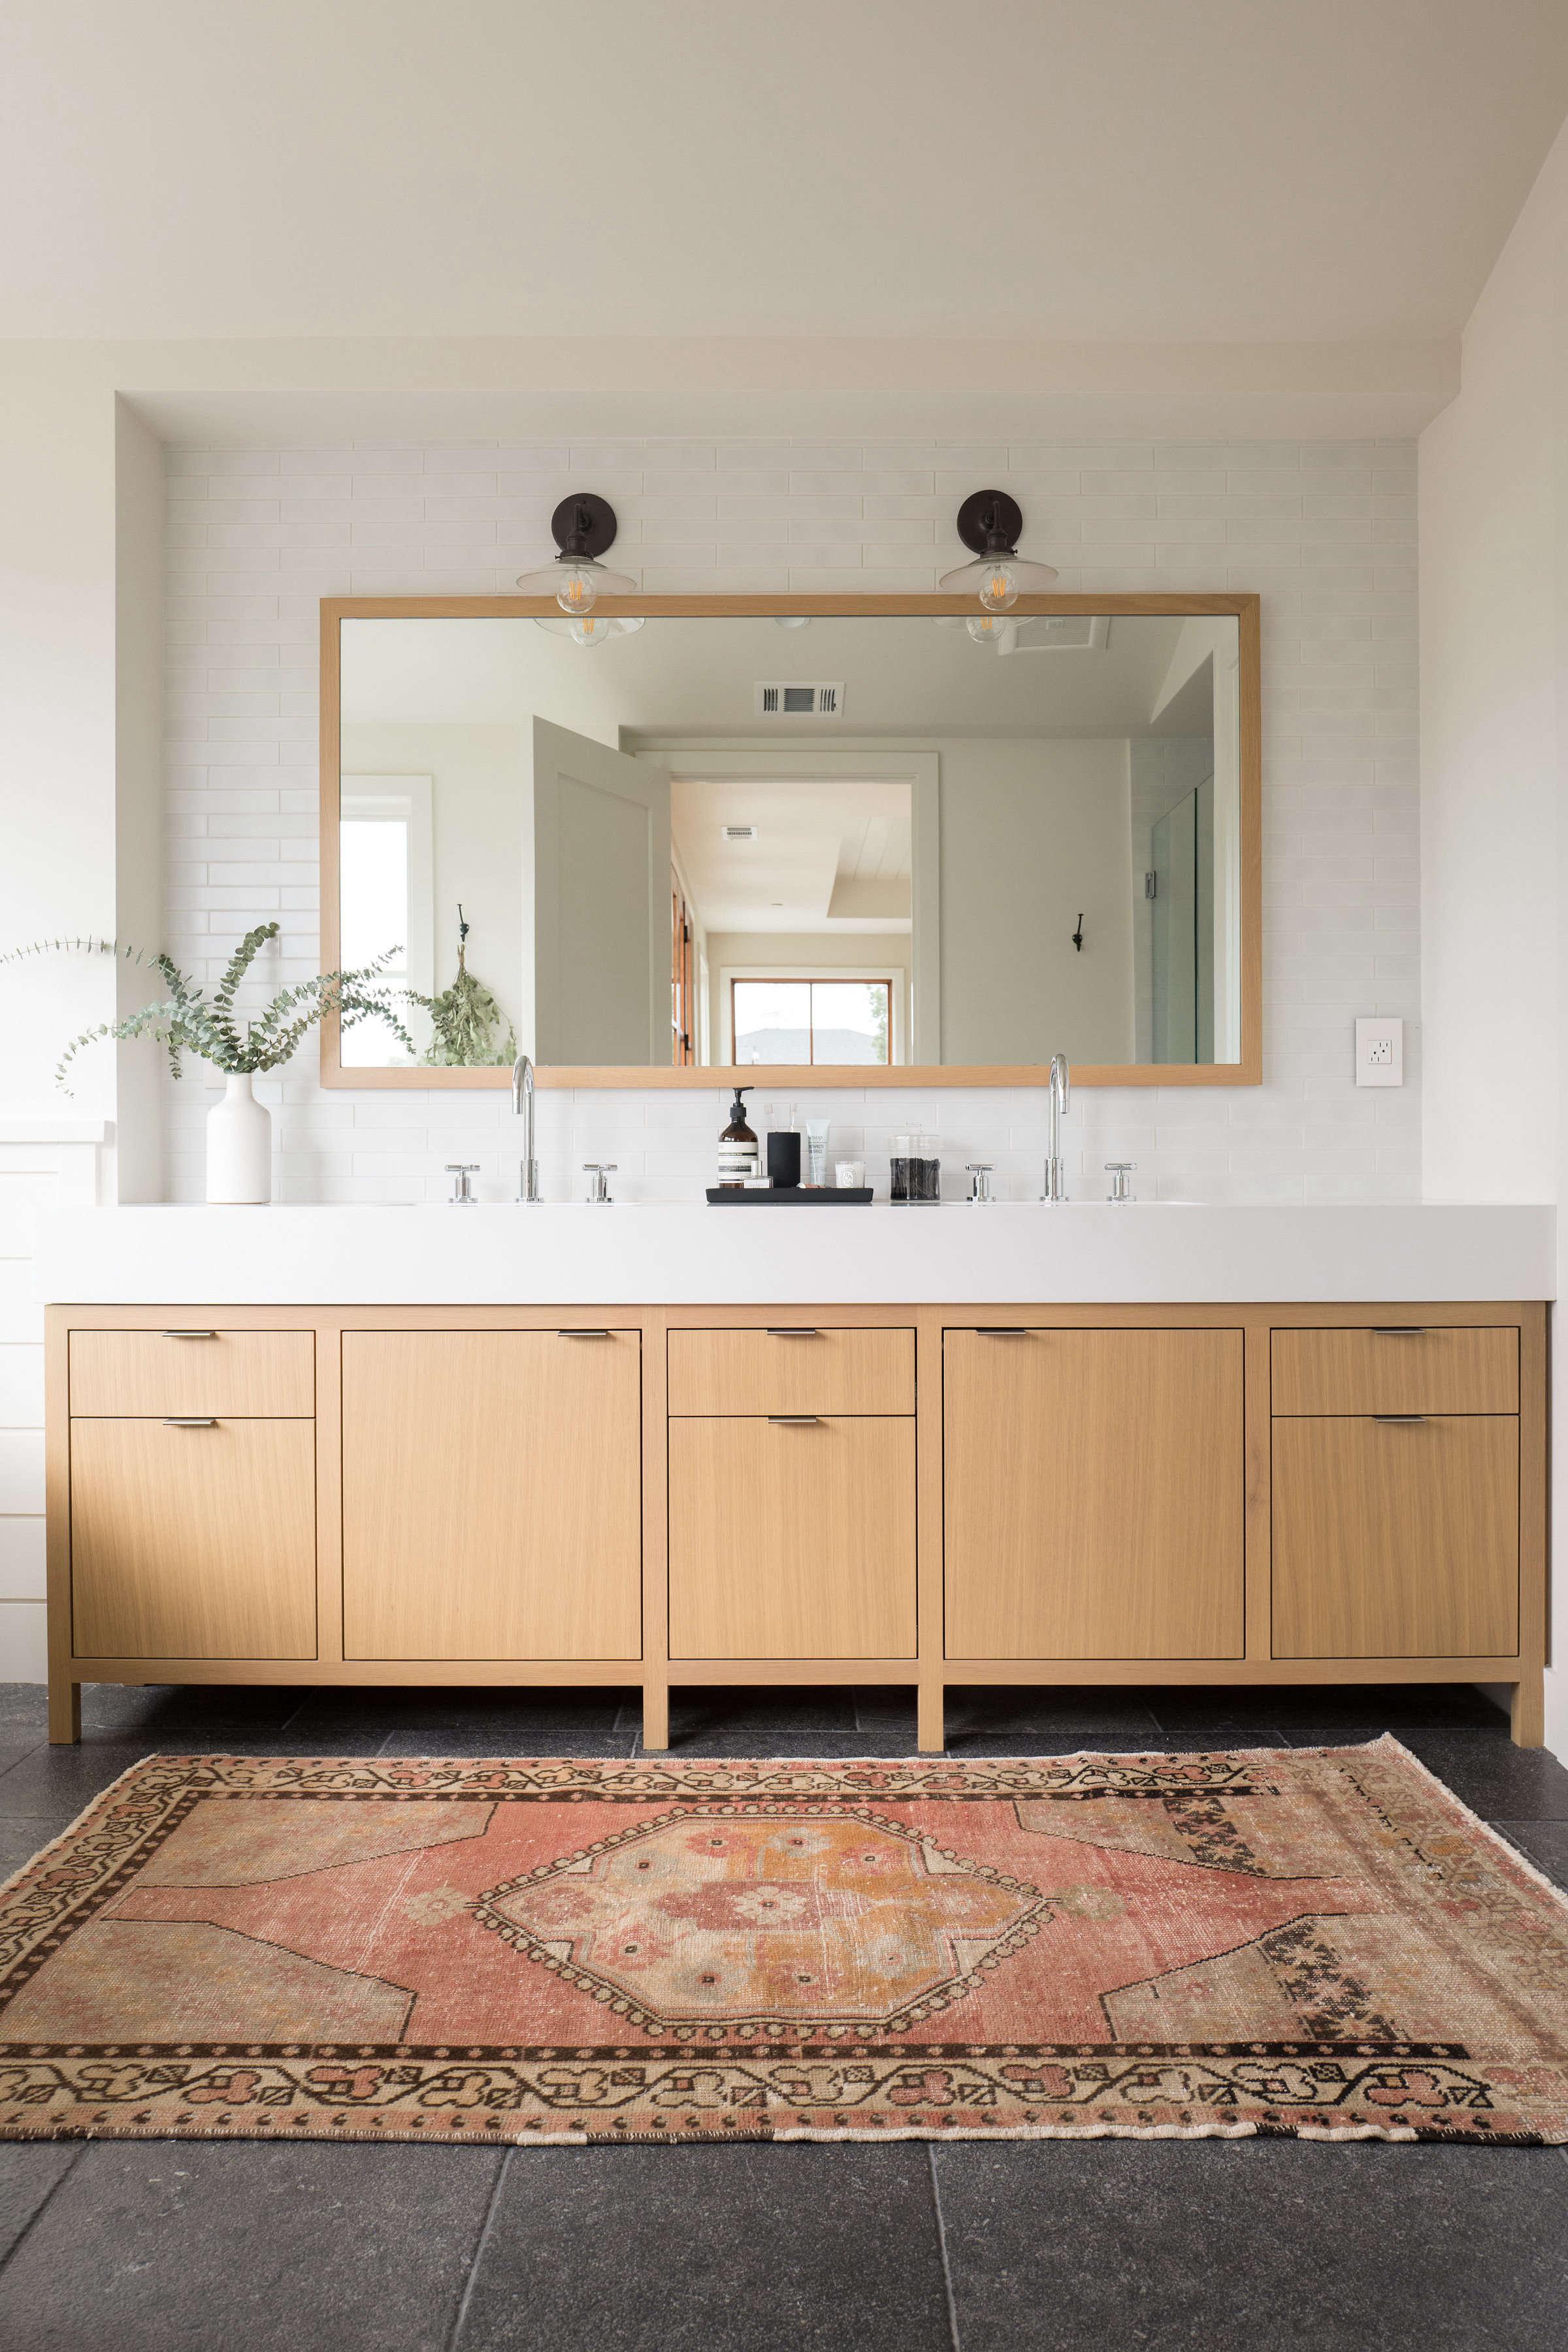 Best Professional Bath: Modern Farmhouse Master Bathroom ... on Modern Farmhouse Bathroom  id=98185